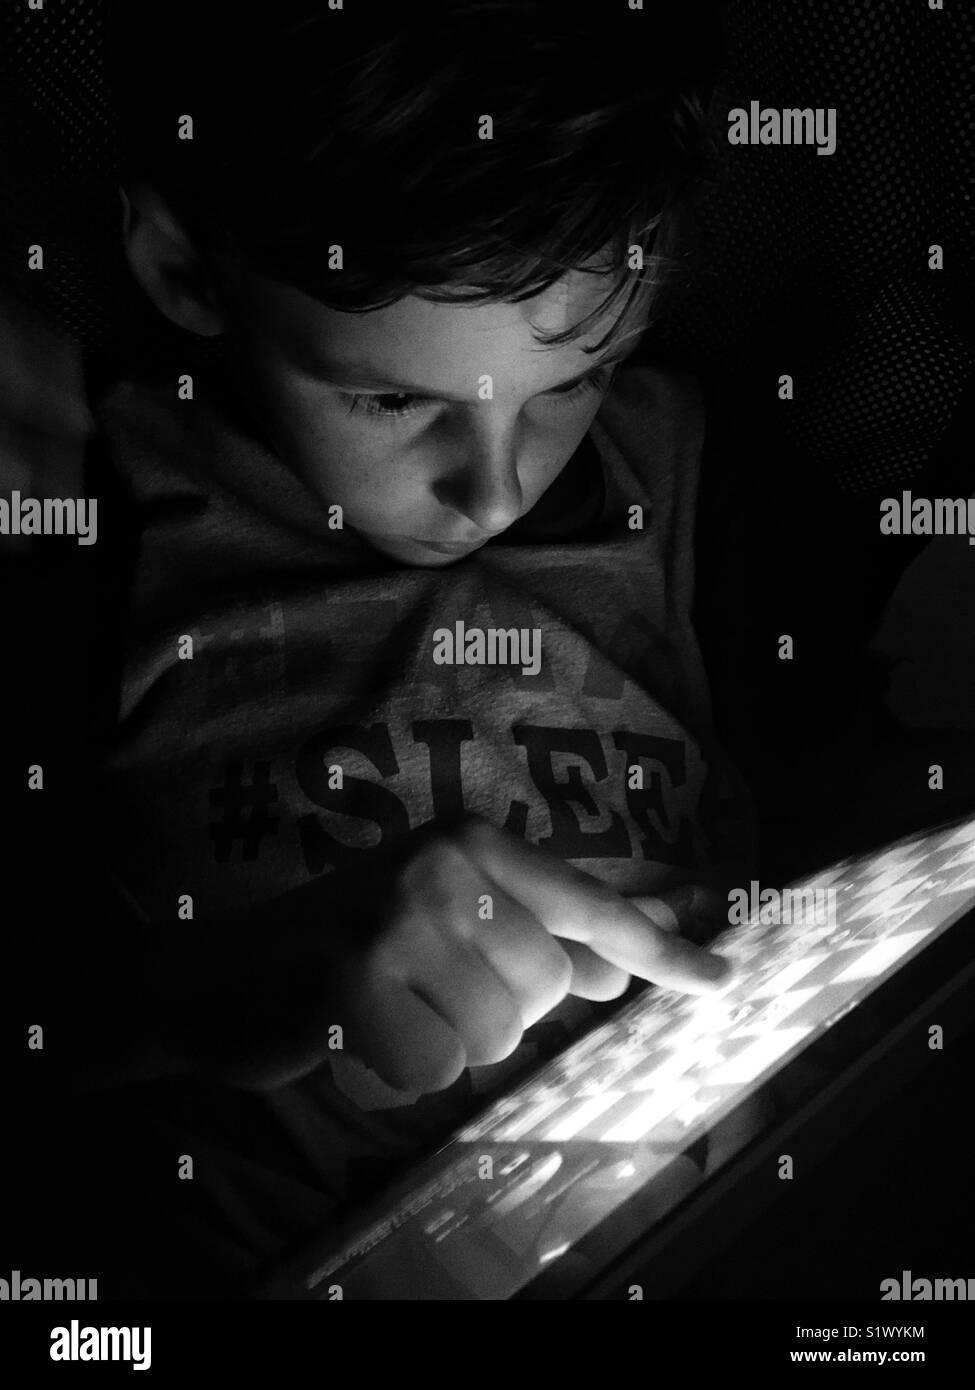 Giovane ragazzo giocando a scacchi su tablet Immagini Stock